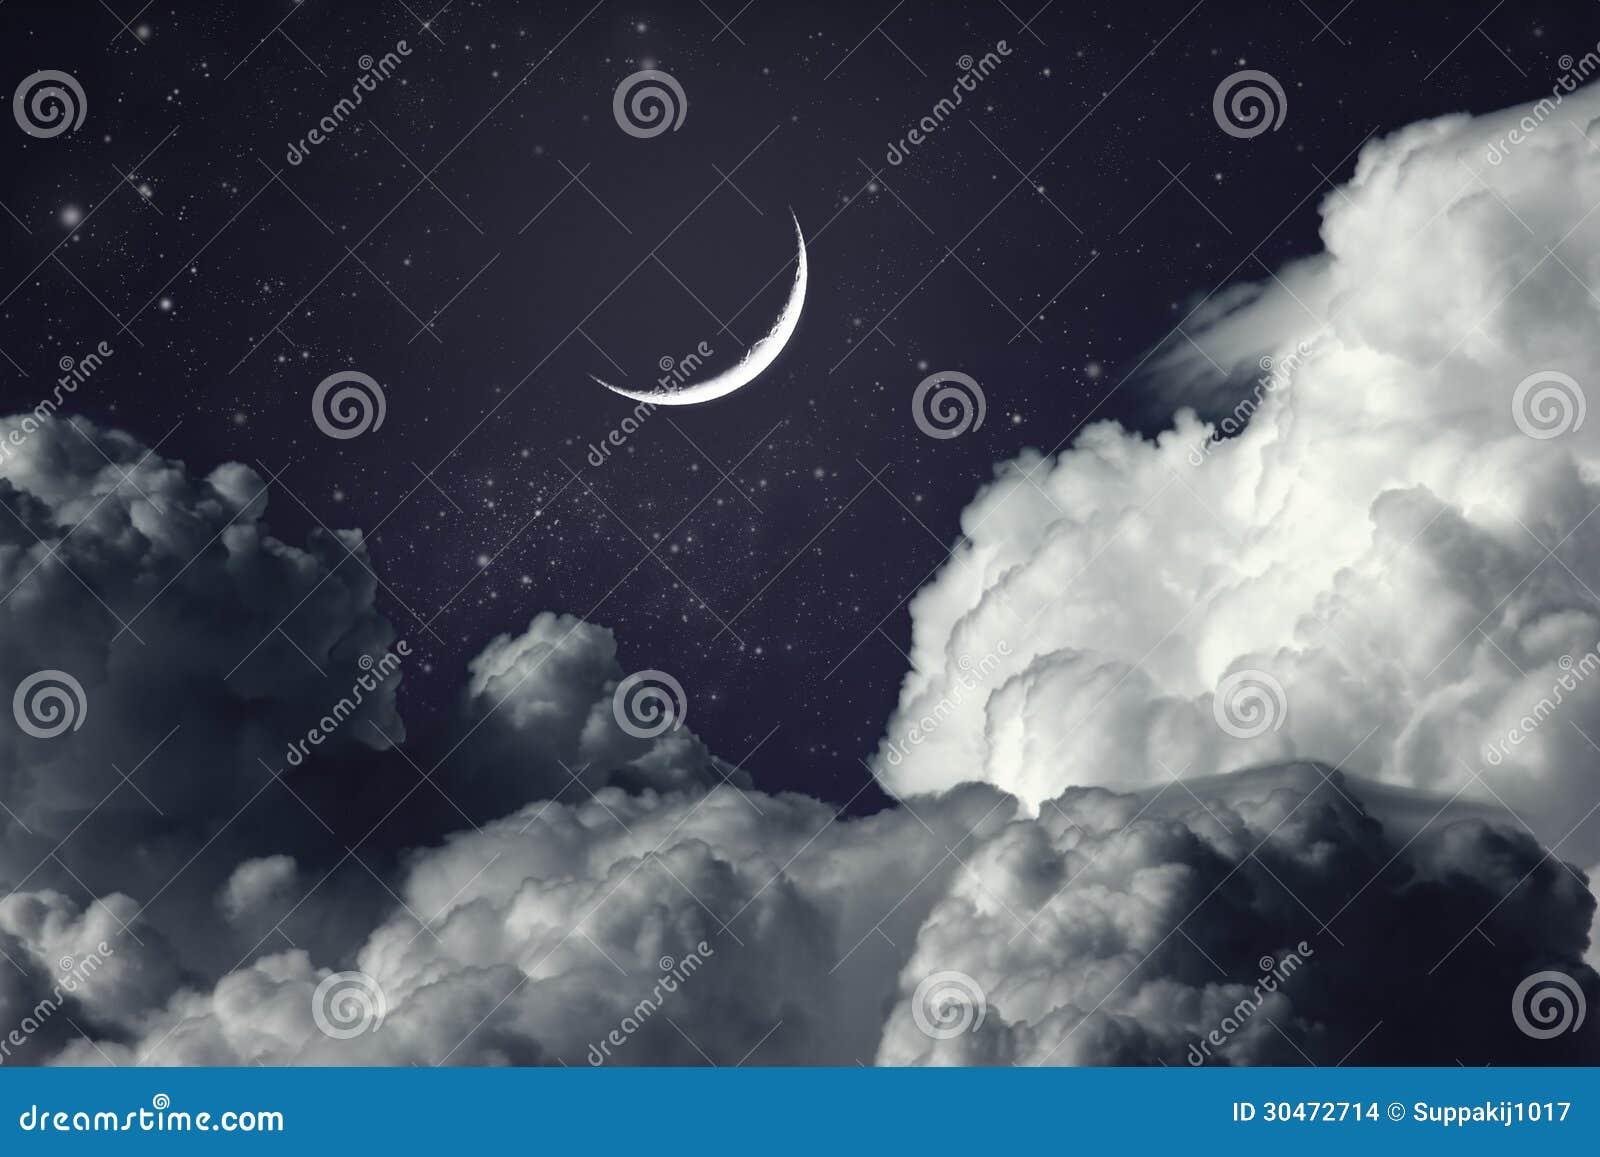 Cloudy Night Sky Stars Night Sky Stock...